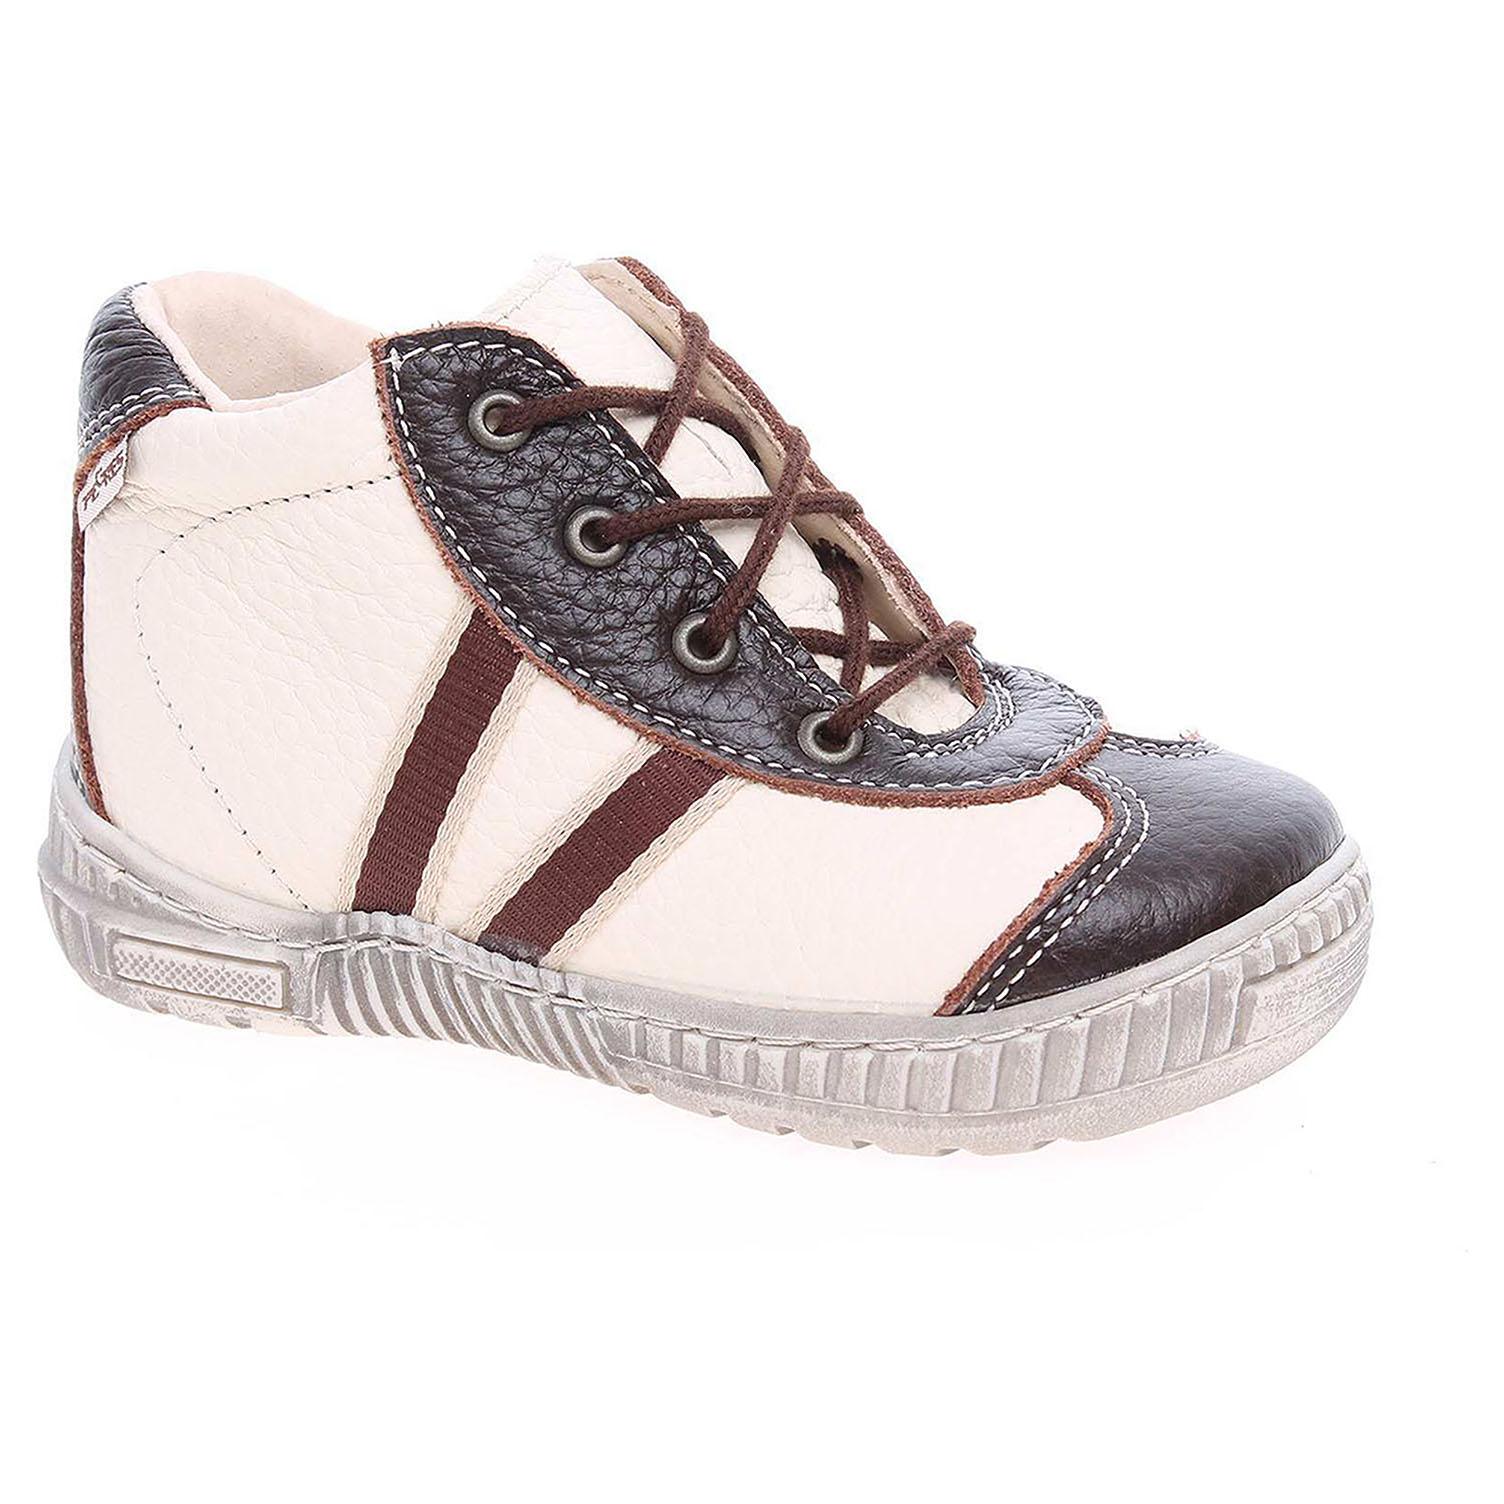 Chlapecká kotníková obuv Pegres 1400.00 hnědá-béžová 1400.00 písková 21